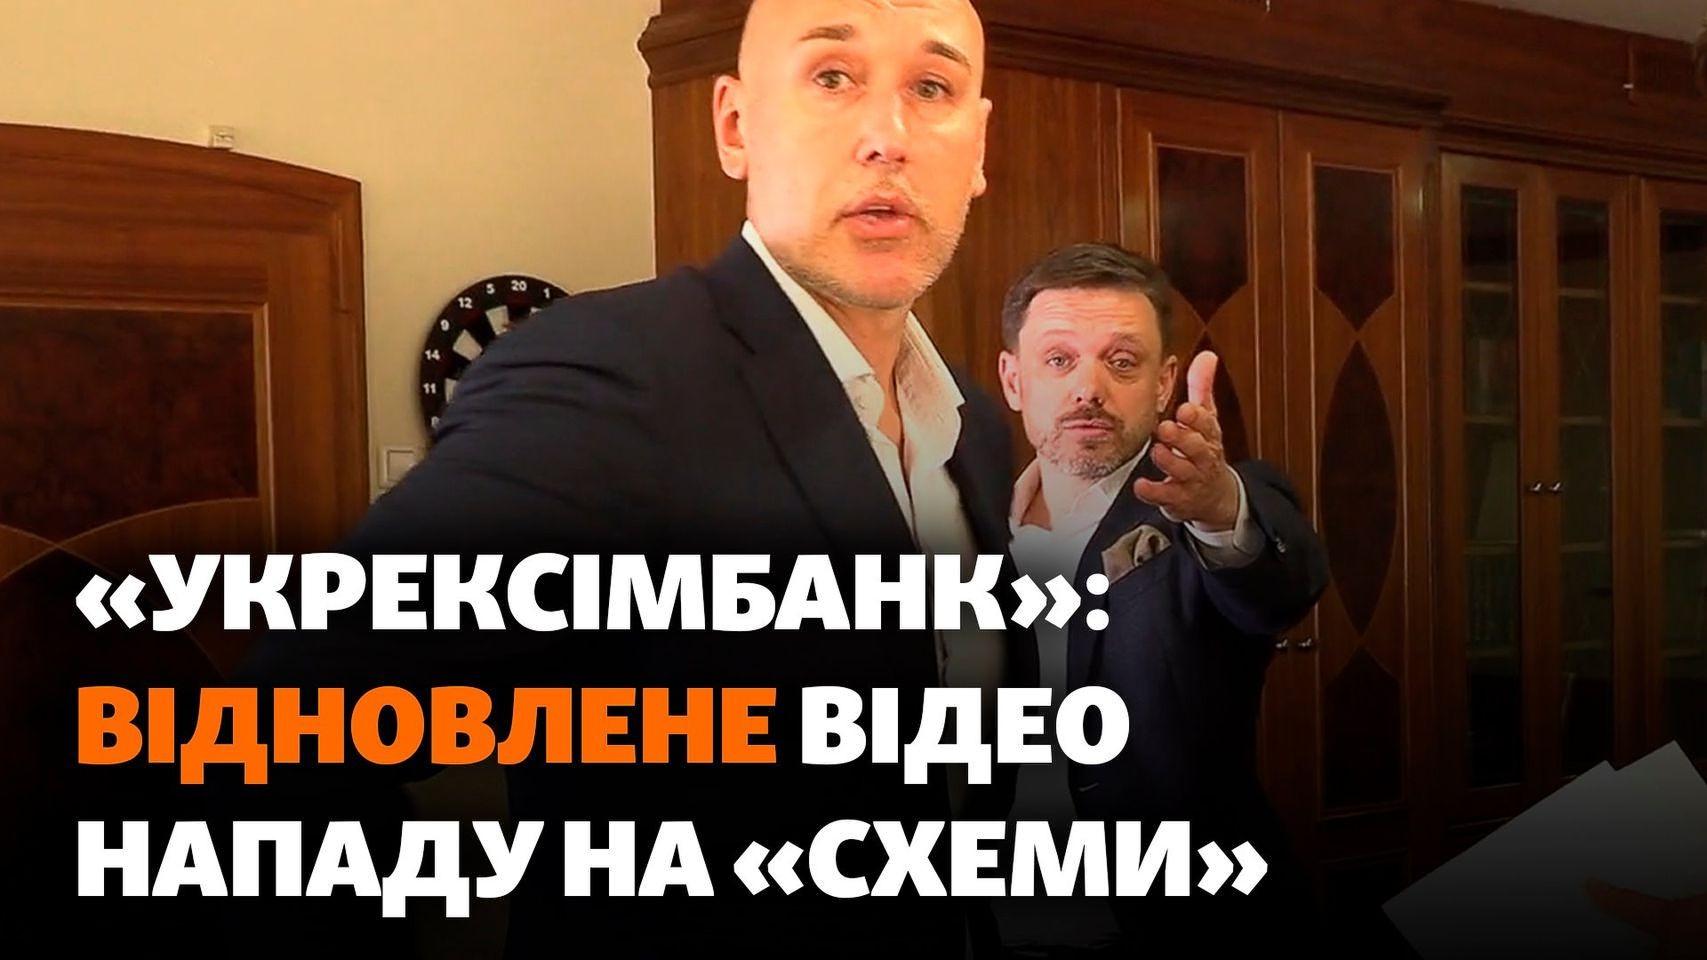 Нападение в «Укрэксимбанке»: Журналисты восстановили и обнародовали видео